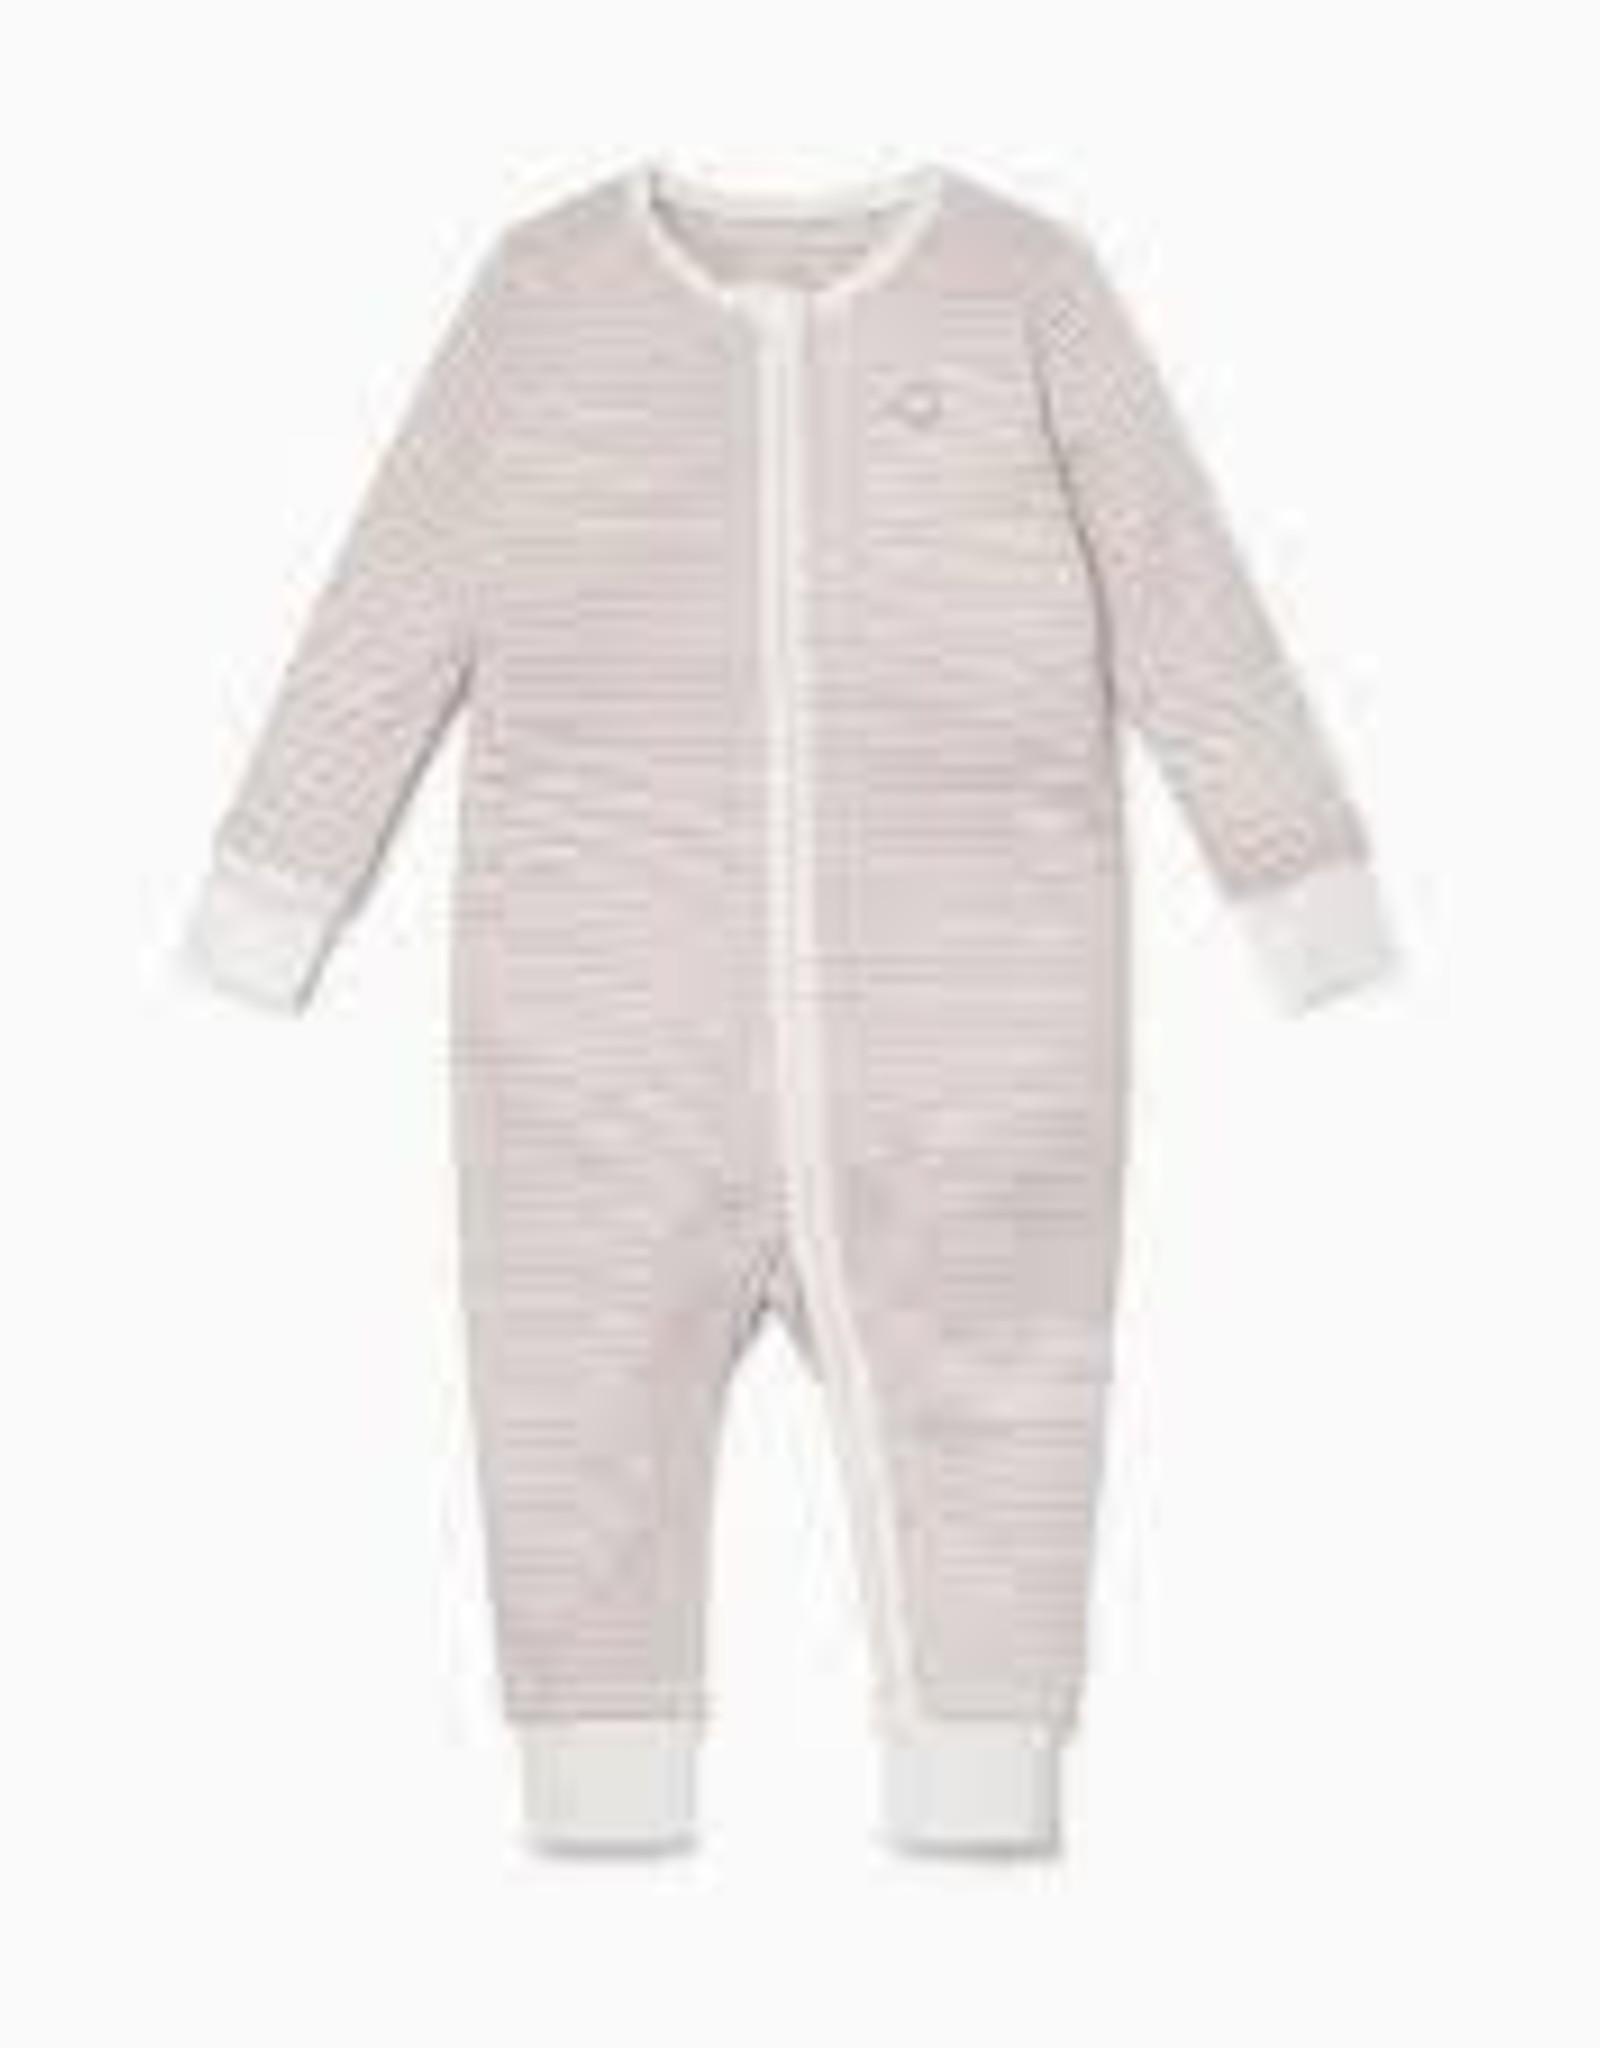 Baby Mori Zuss Baby Zip Up Sleepsuit